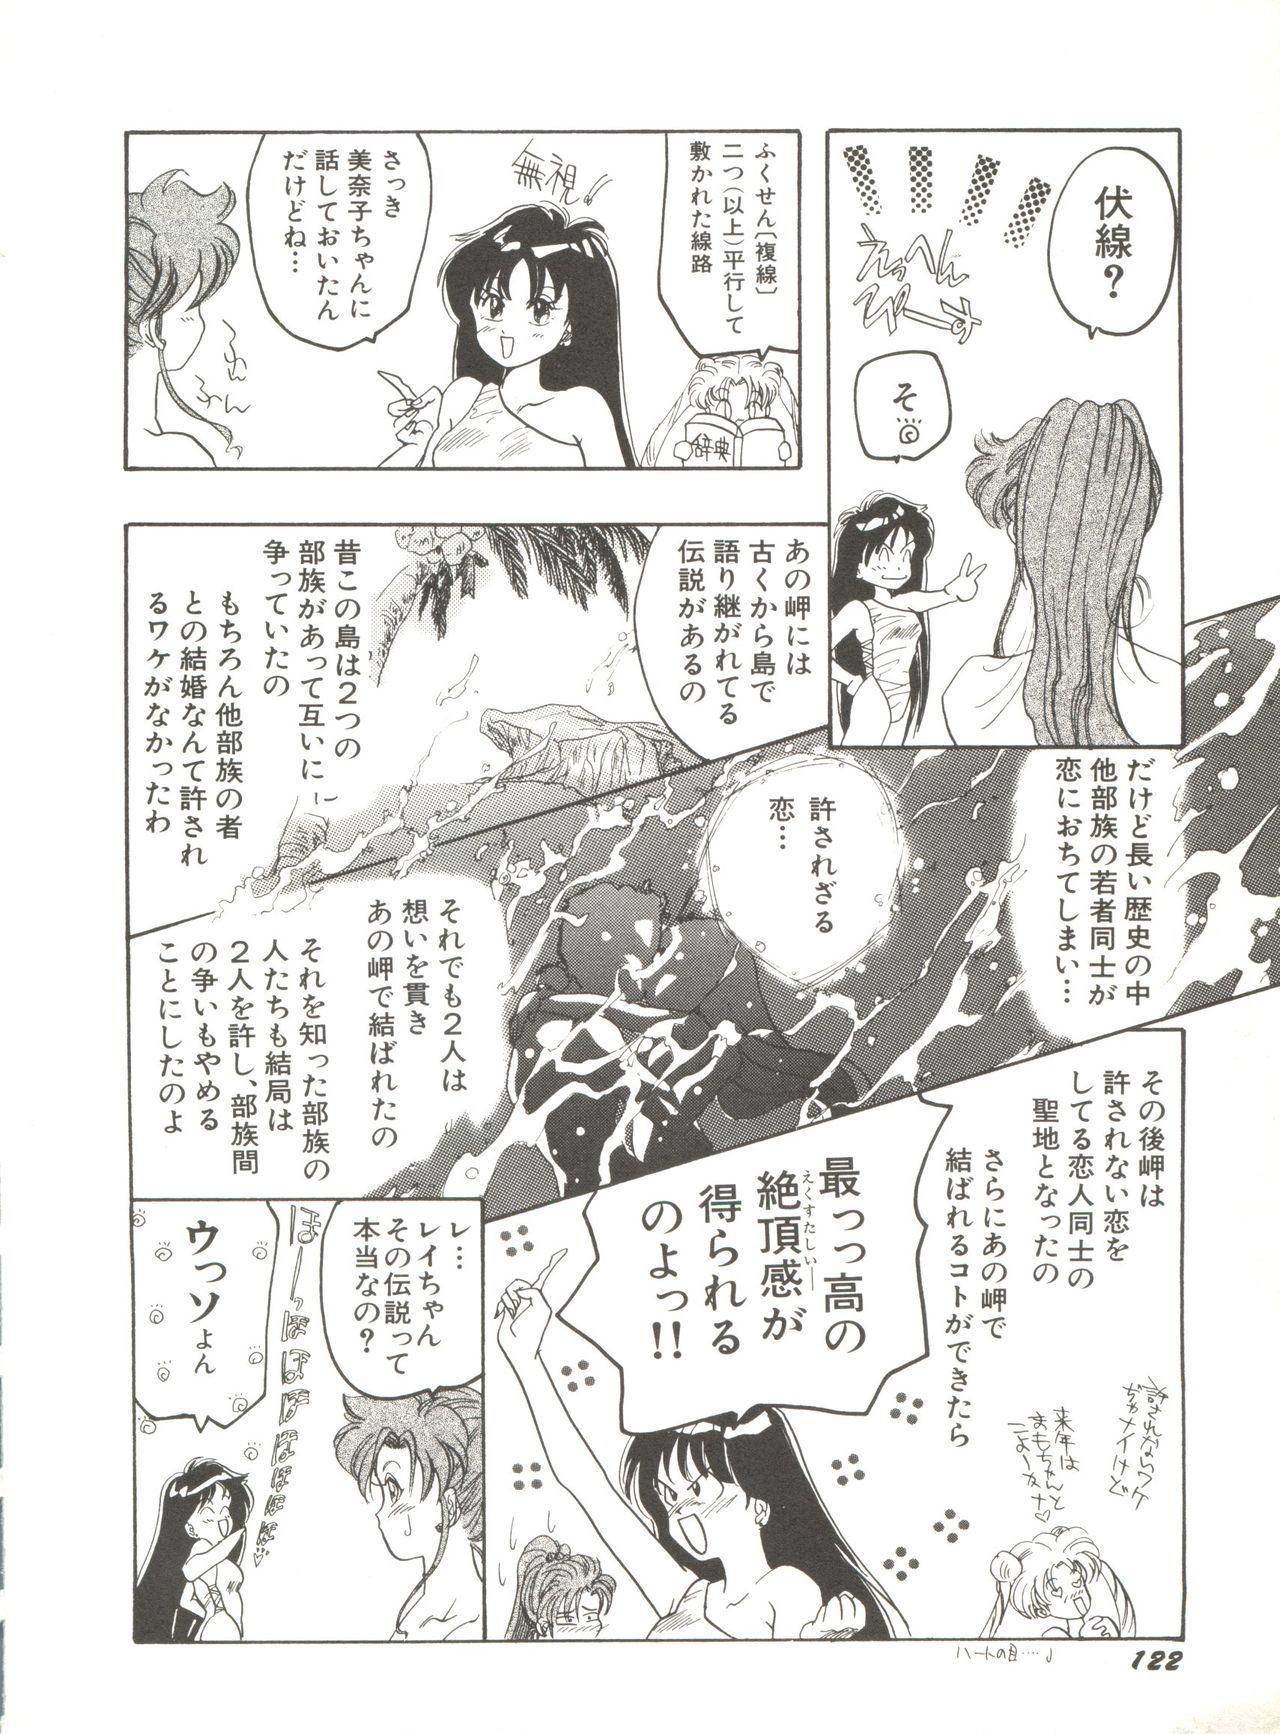 Bishoujo Doujinshi Anthology 12 - Moon Paradise 7 Tsuki no Rakuen 126